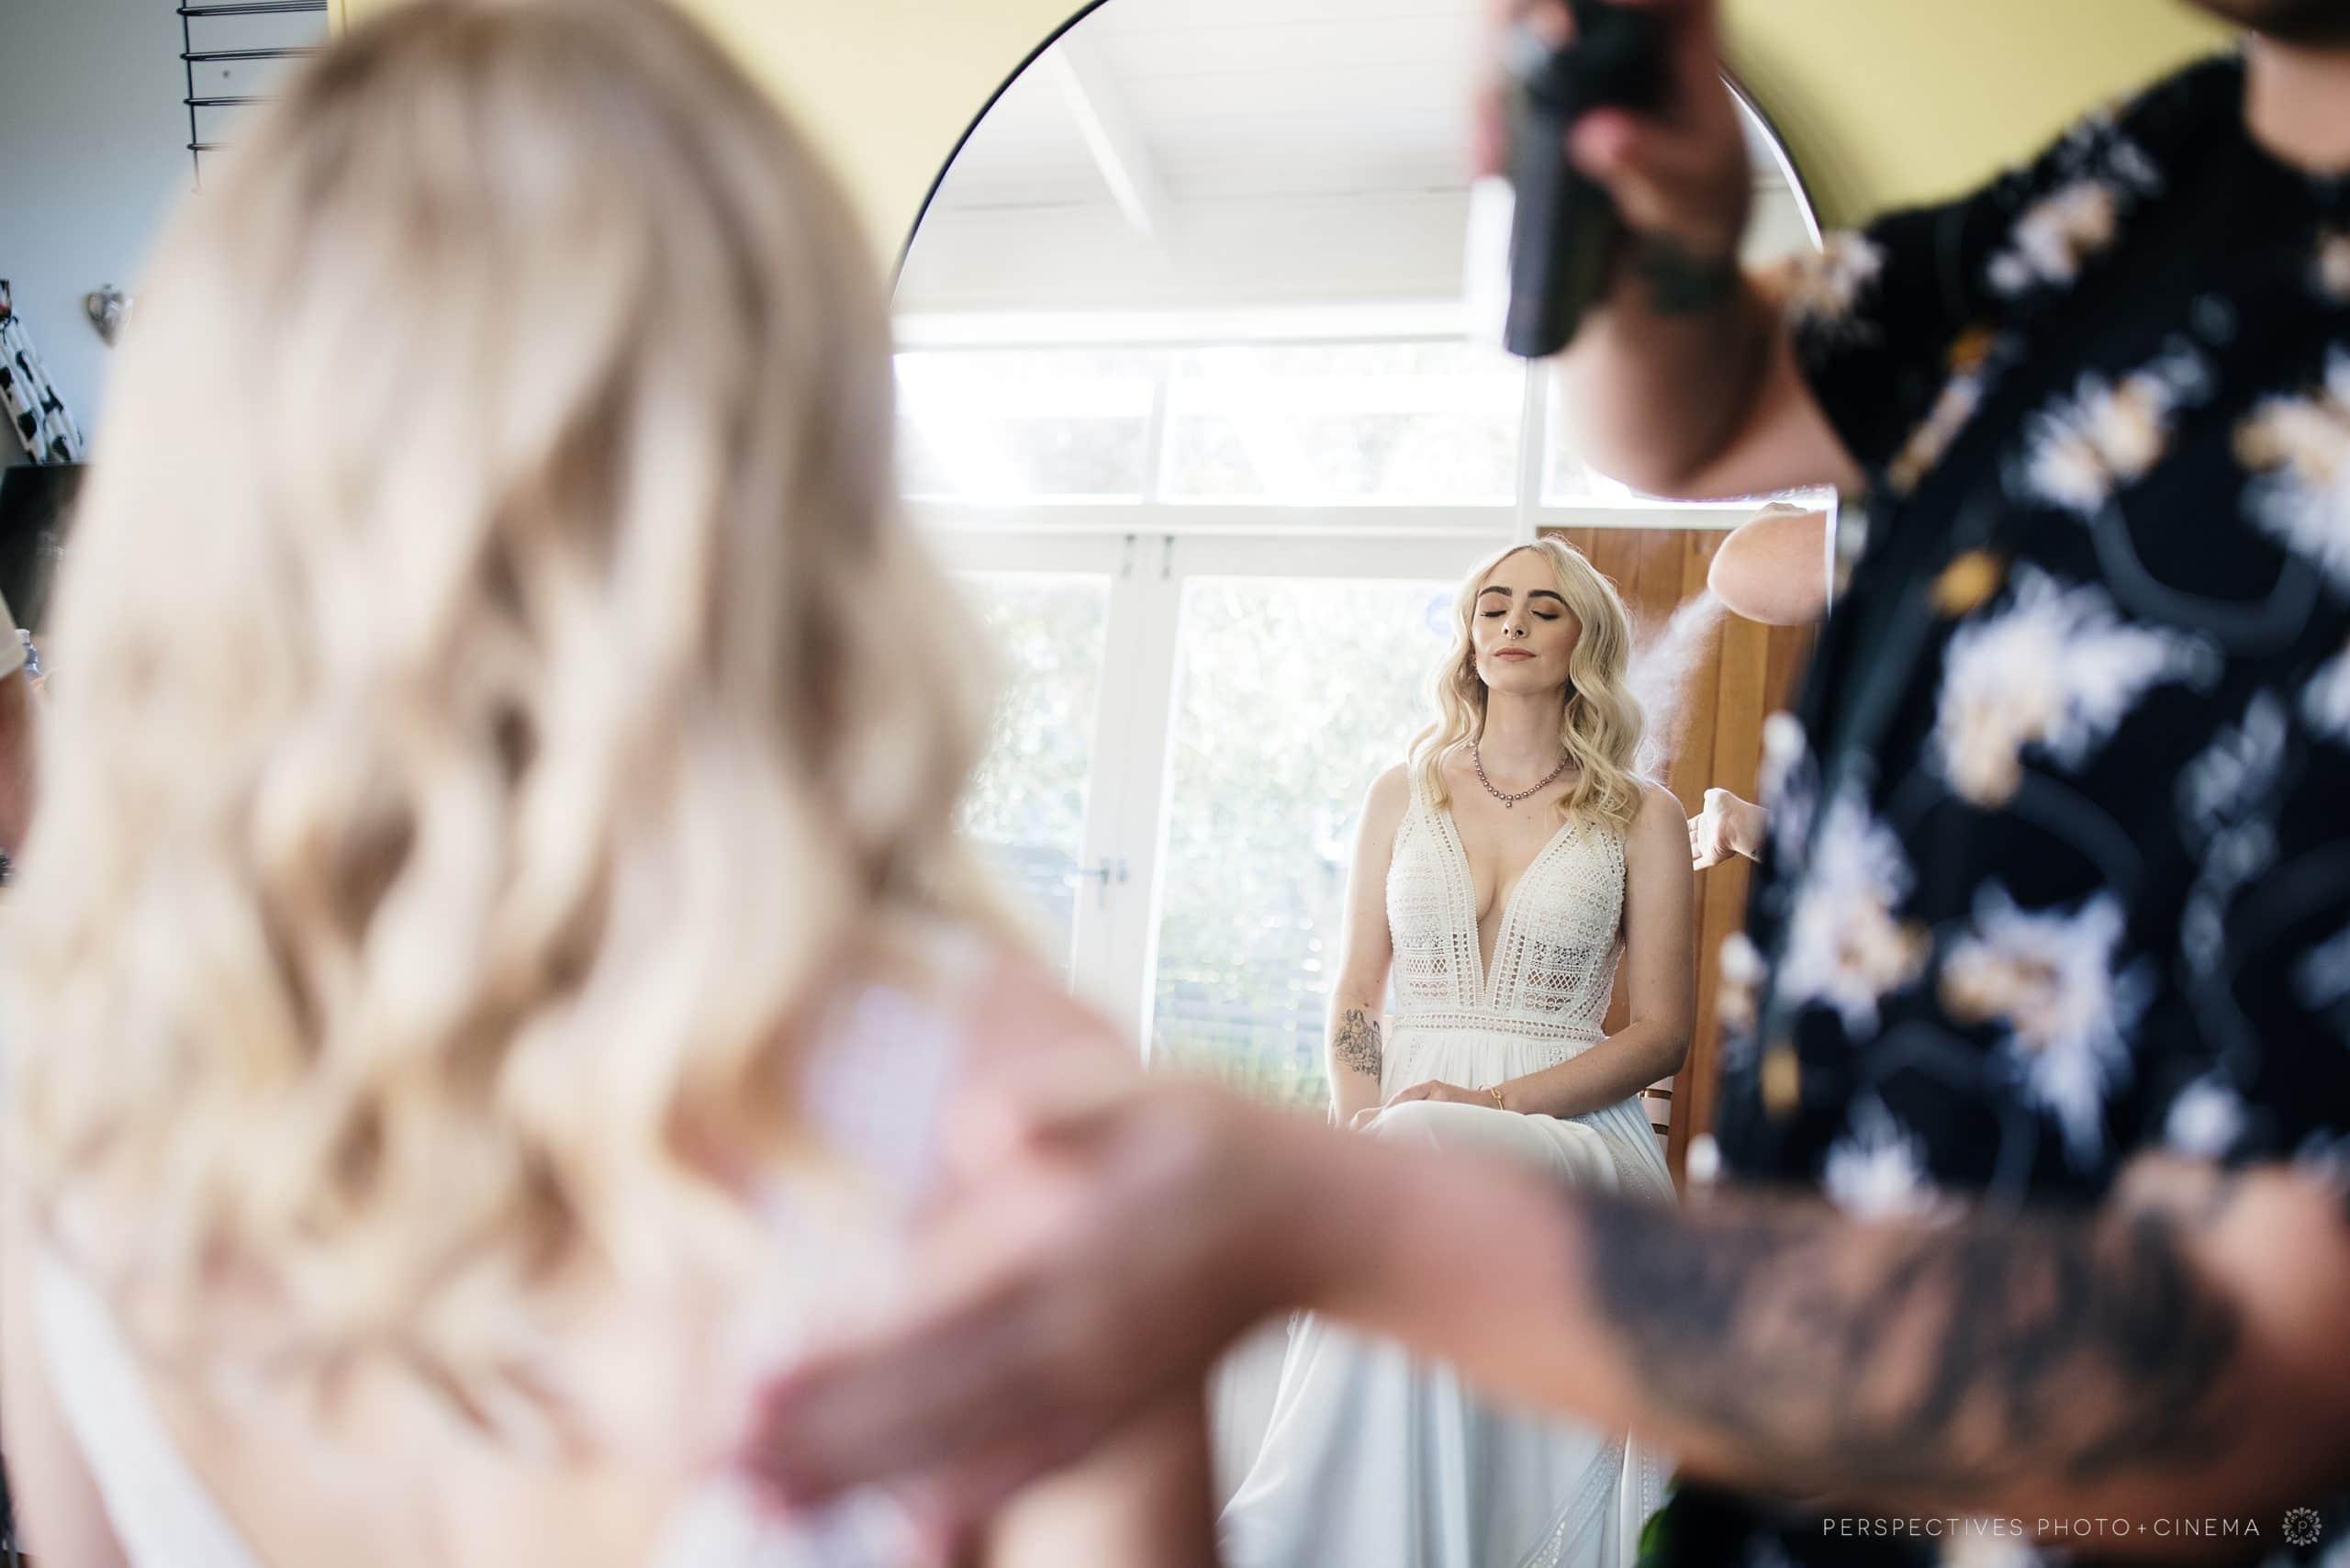 The peach club wedding hair and makeup